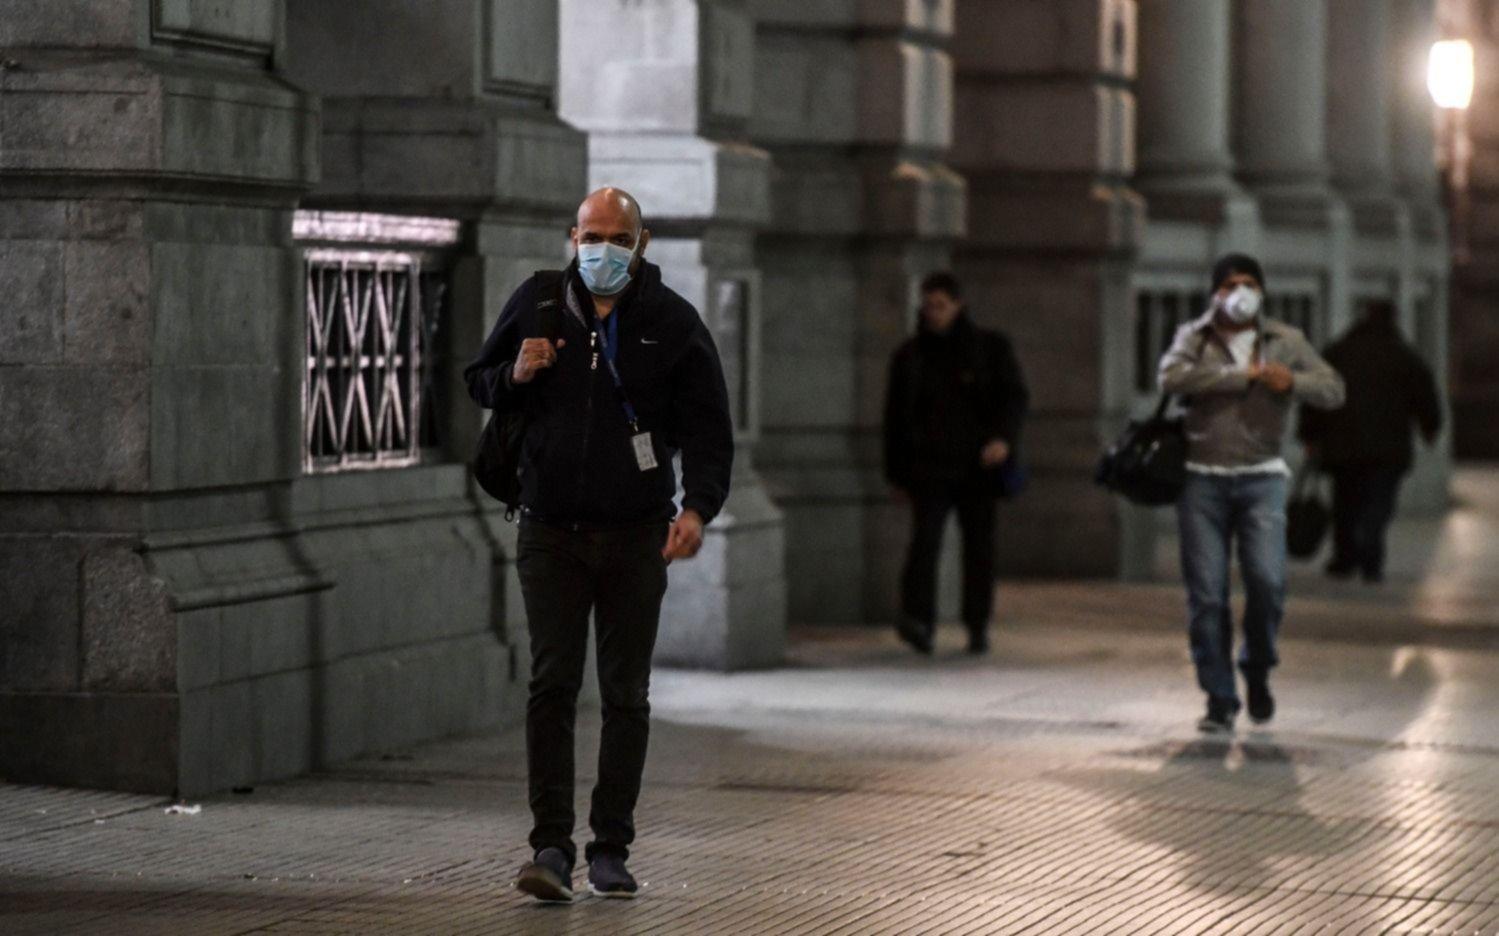 Giro de prioridades tras más de 100 días de cuarentena